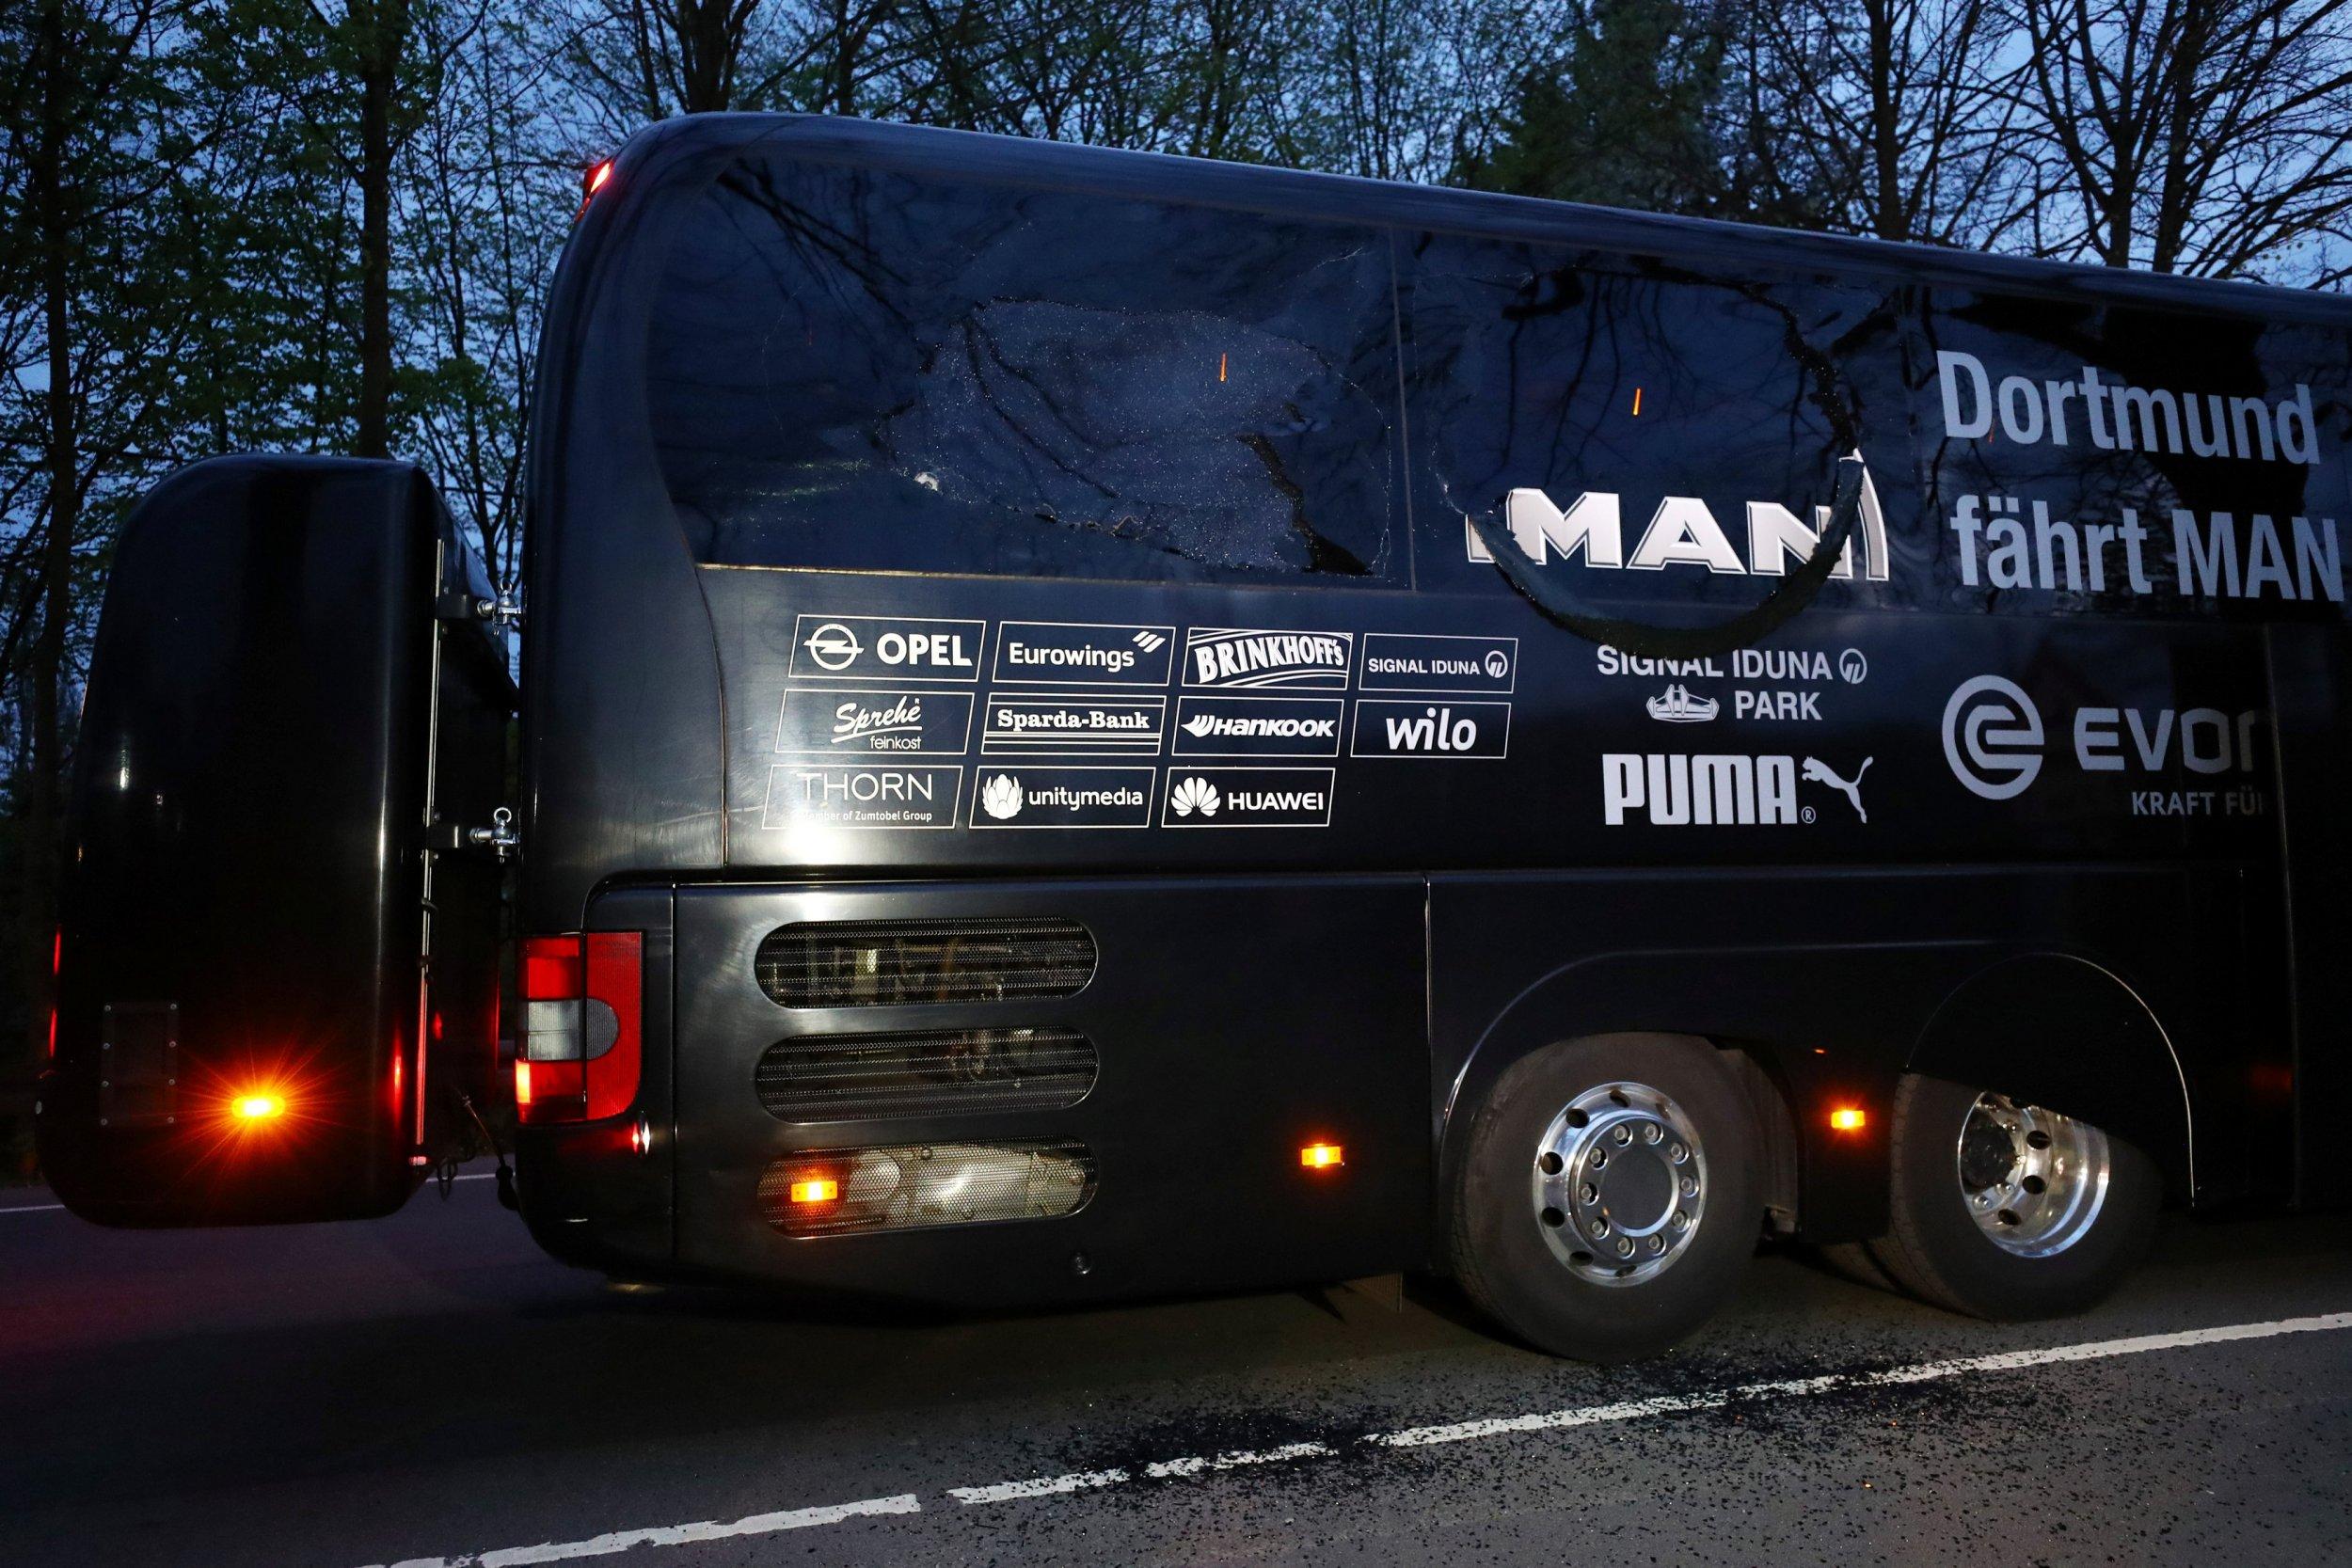 Bus in Dortmund Blast